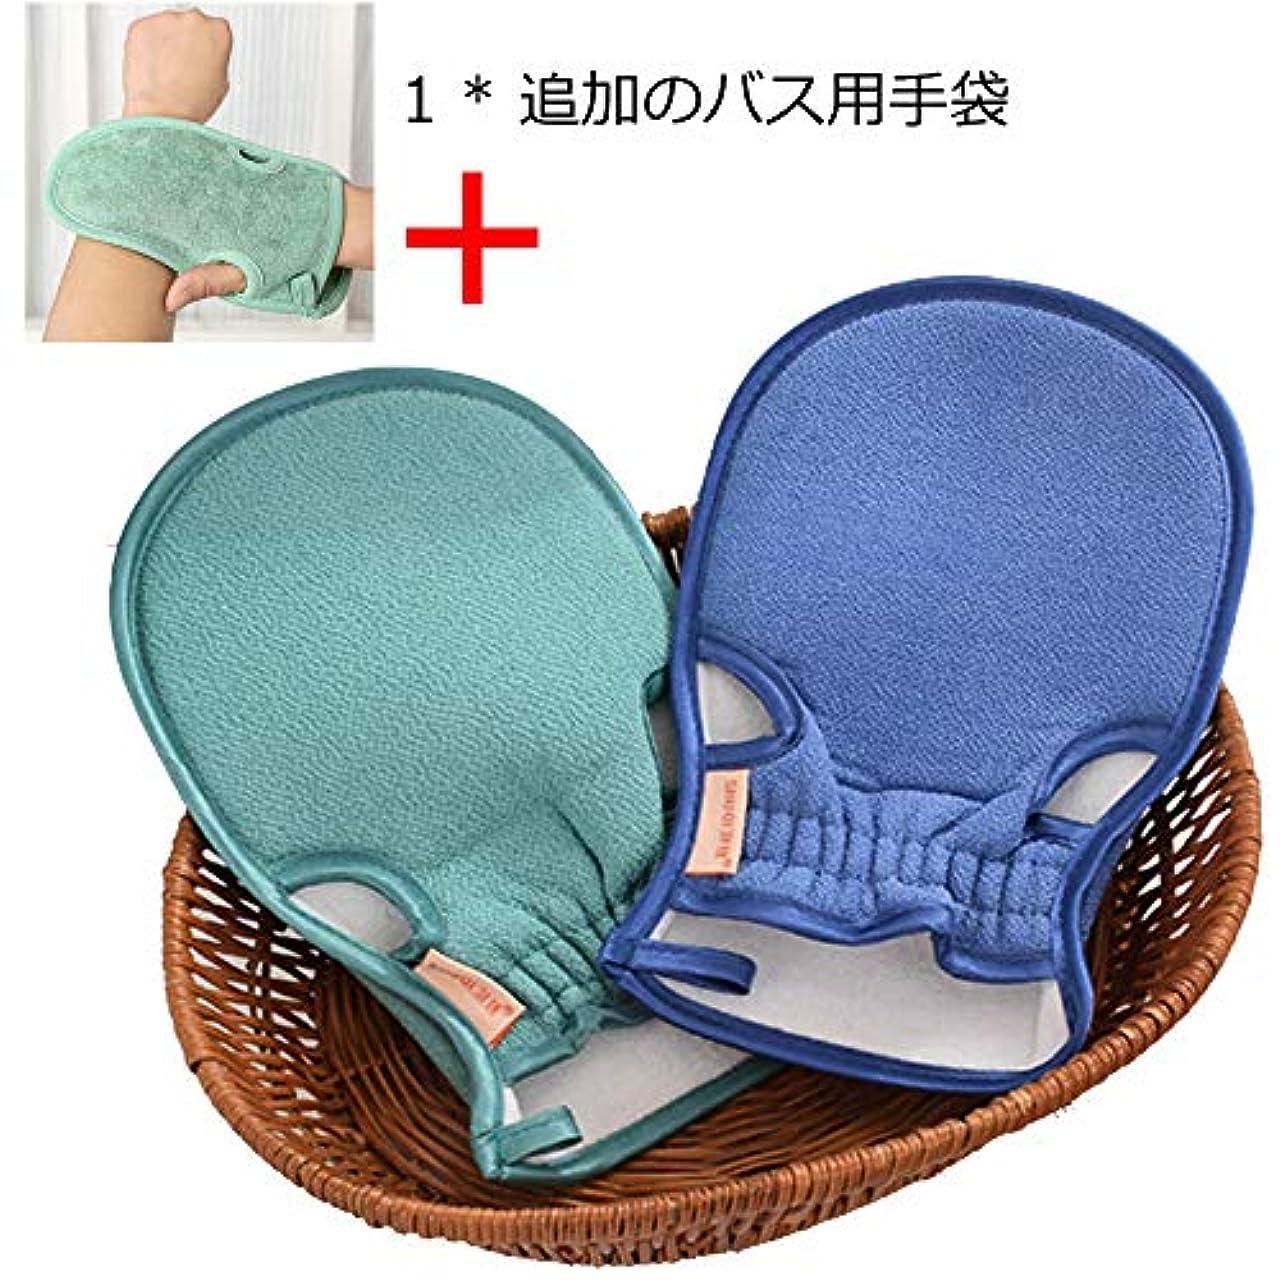 ピカソ感度拡散するNO.1 Direct 2パック浴用手袋 あかすり ボディタオル 入浴用品 バス用品 垢すり手袋 毛穴清潔 角質除去 男女兼用